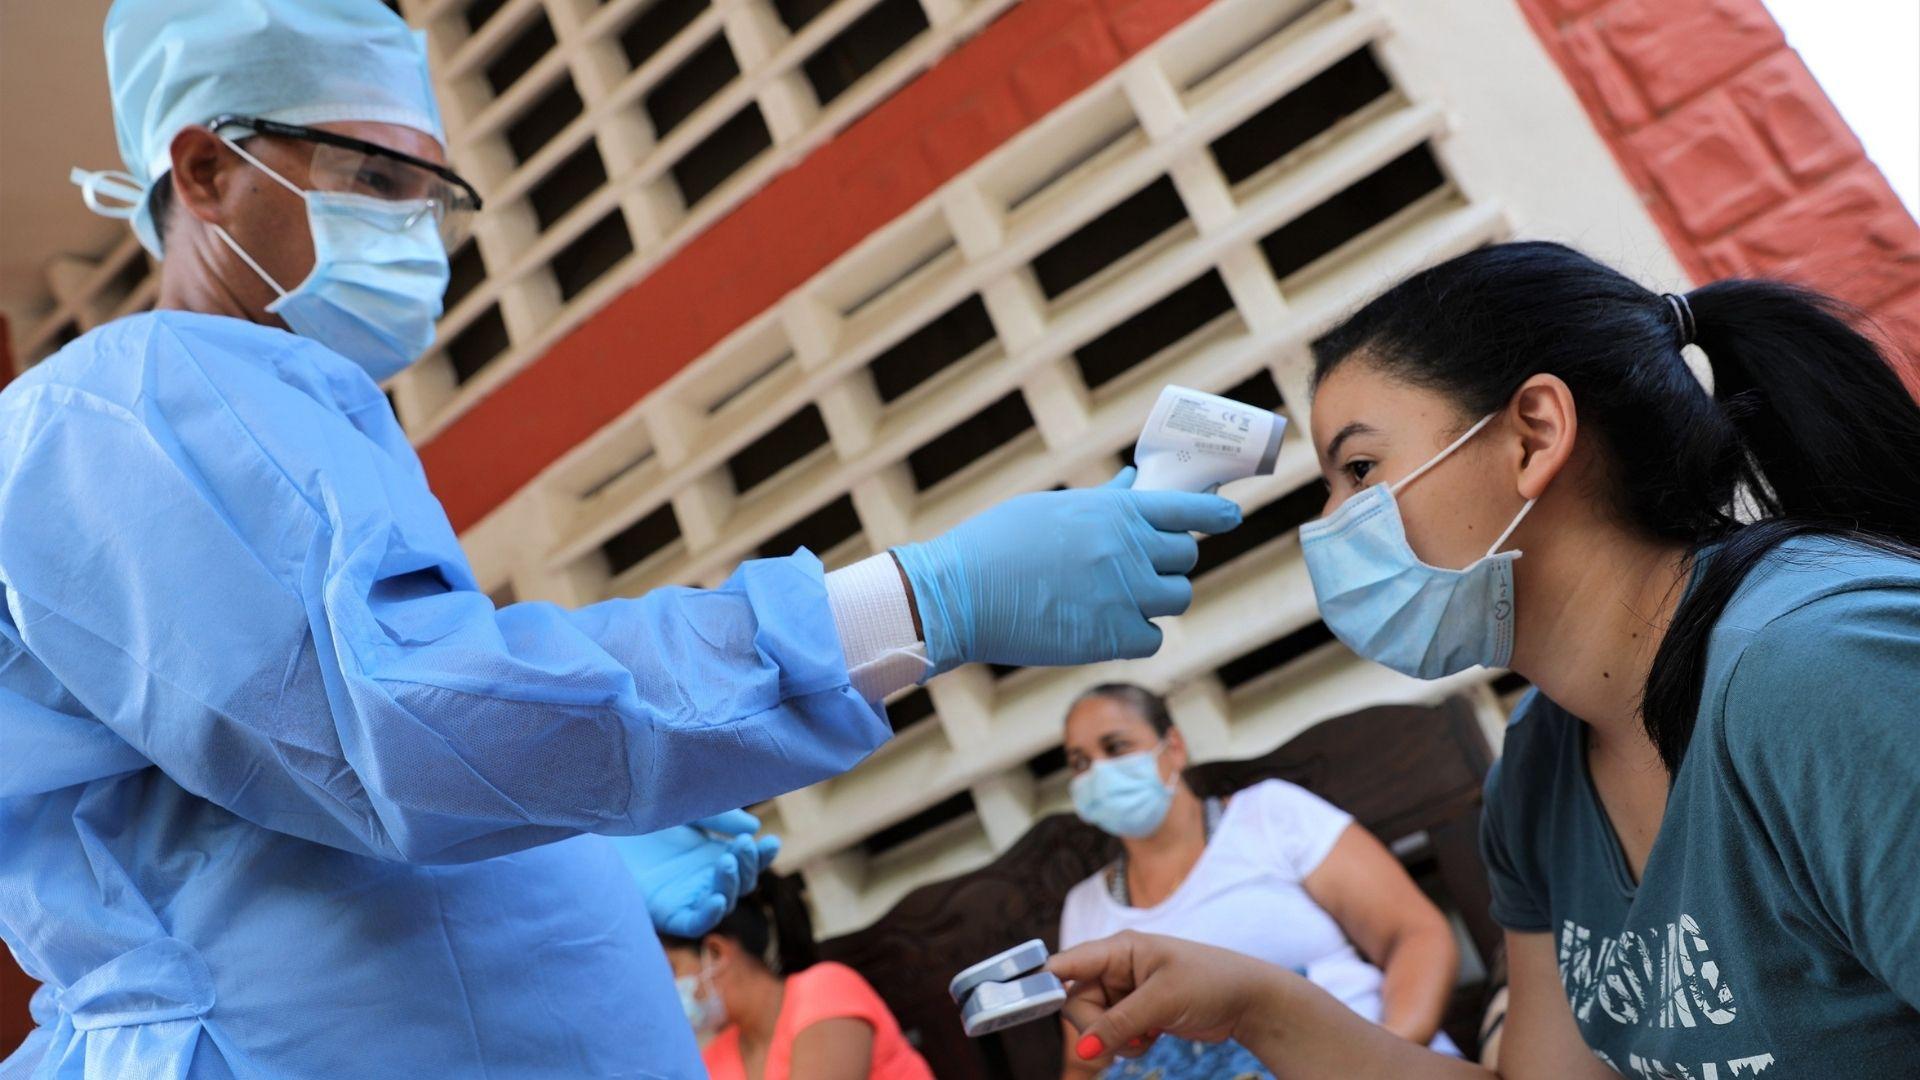 OPS recomienda tomar precauciones ante posibles contagios en elecciones